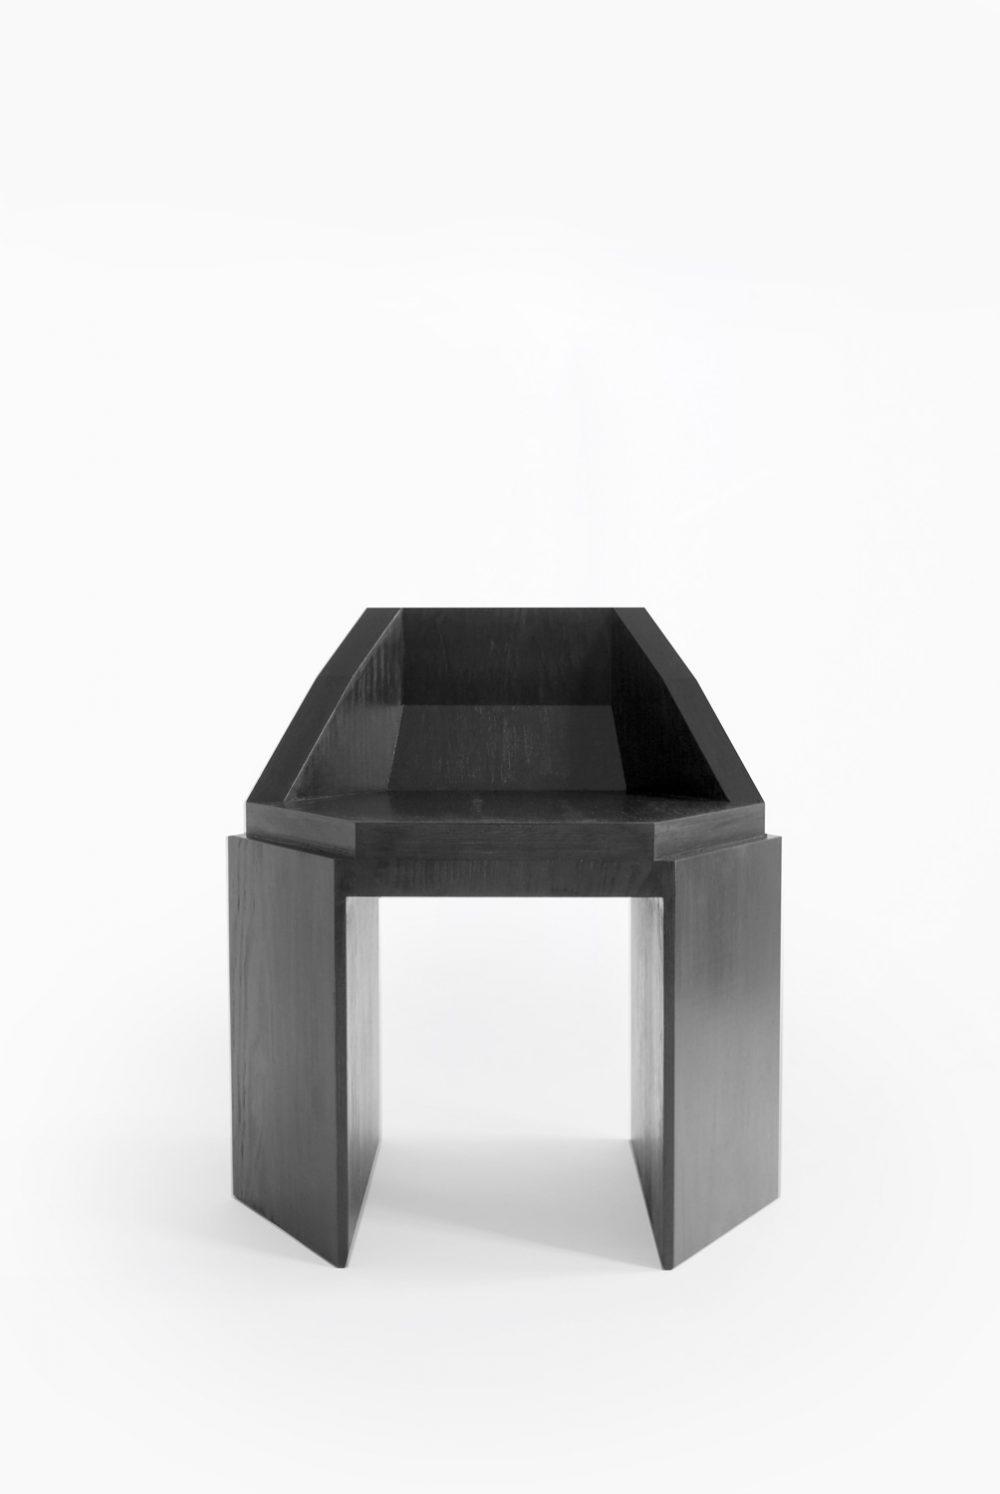 Sizar Alexis Ana Chair